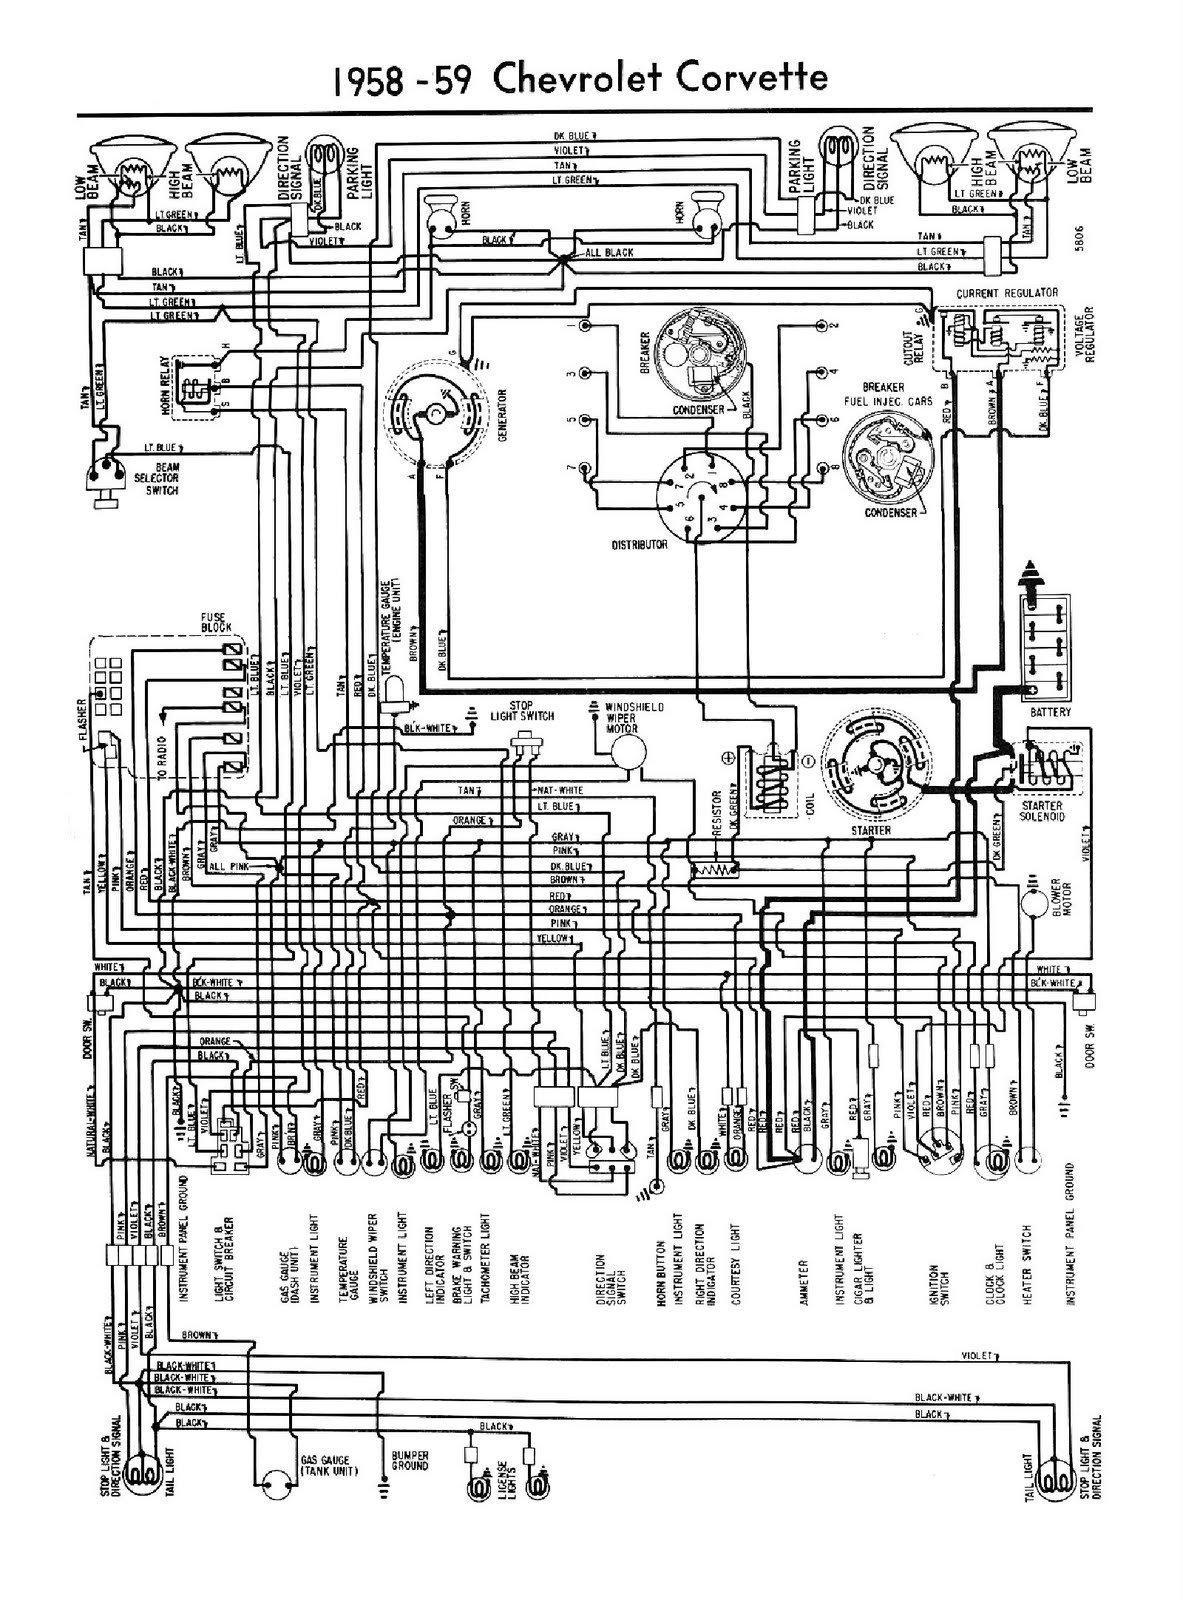 Wiring Diagram Free Auto Wiring Diagram Free Auto Wiring Diagram